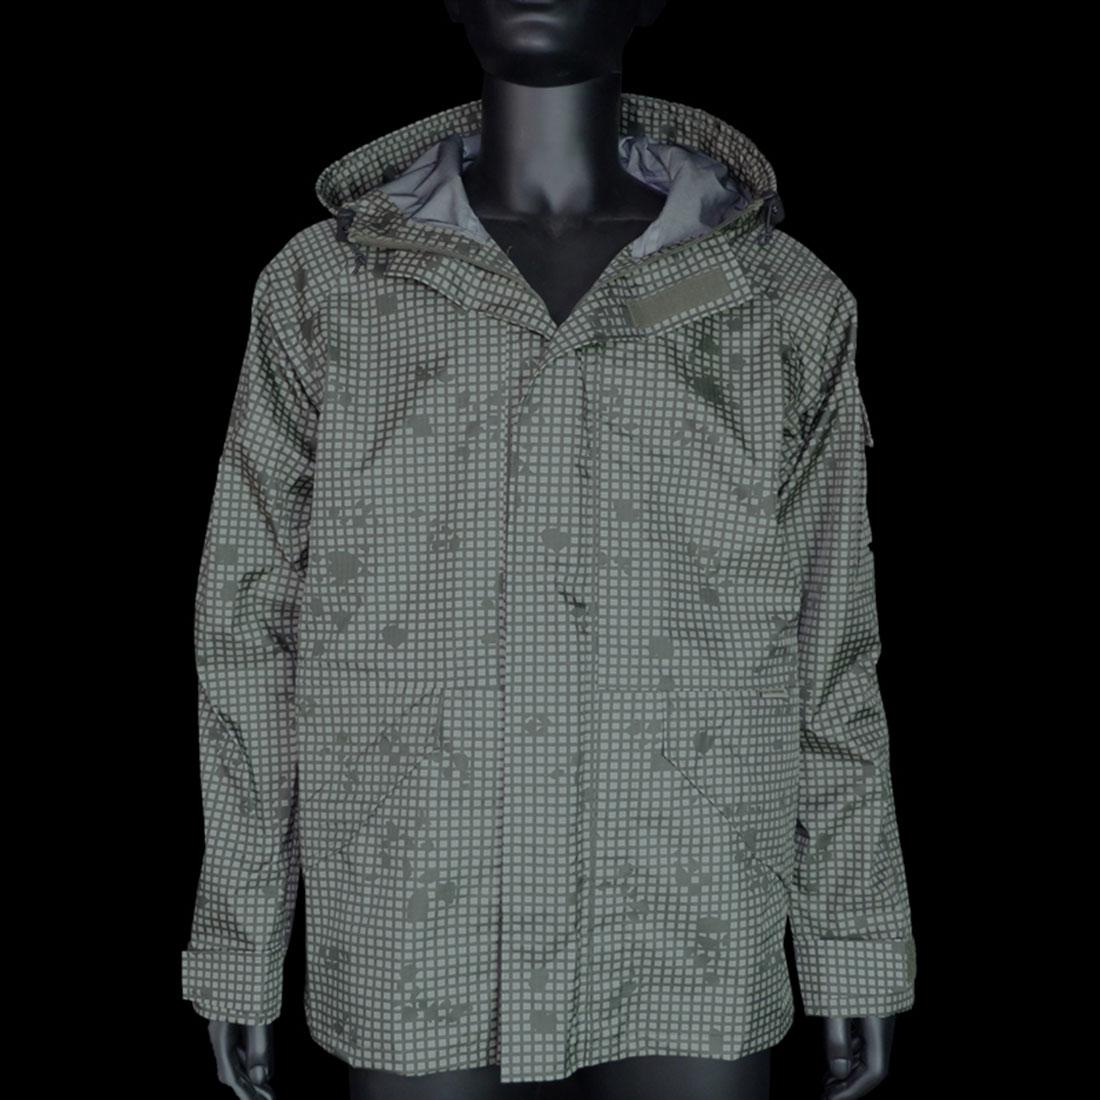 BlackGunpowder Tactical Lightweight Hard Shell Outdoor Jacket - (Desert Night Camo) M/L/XL